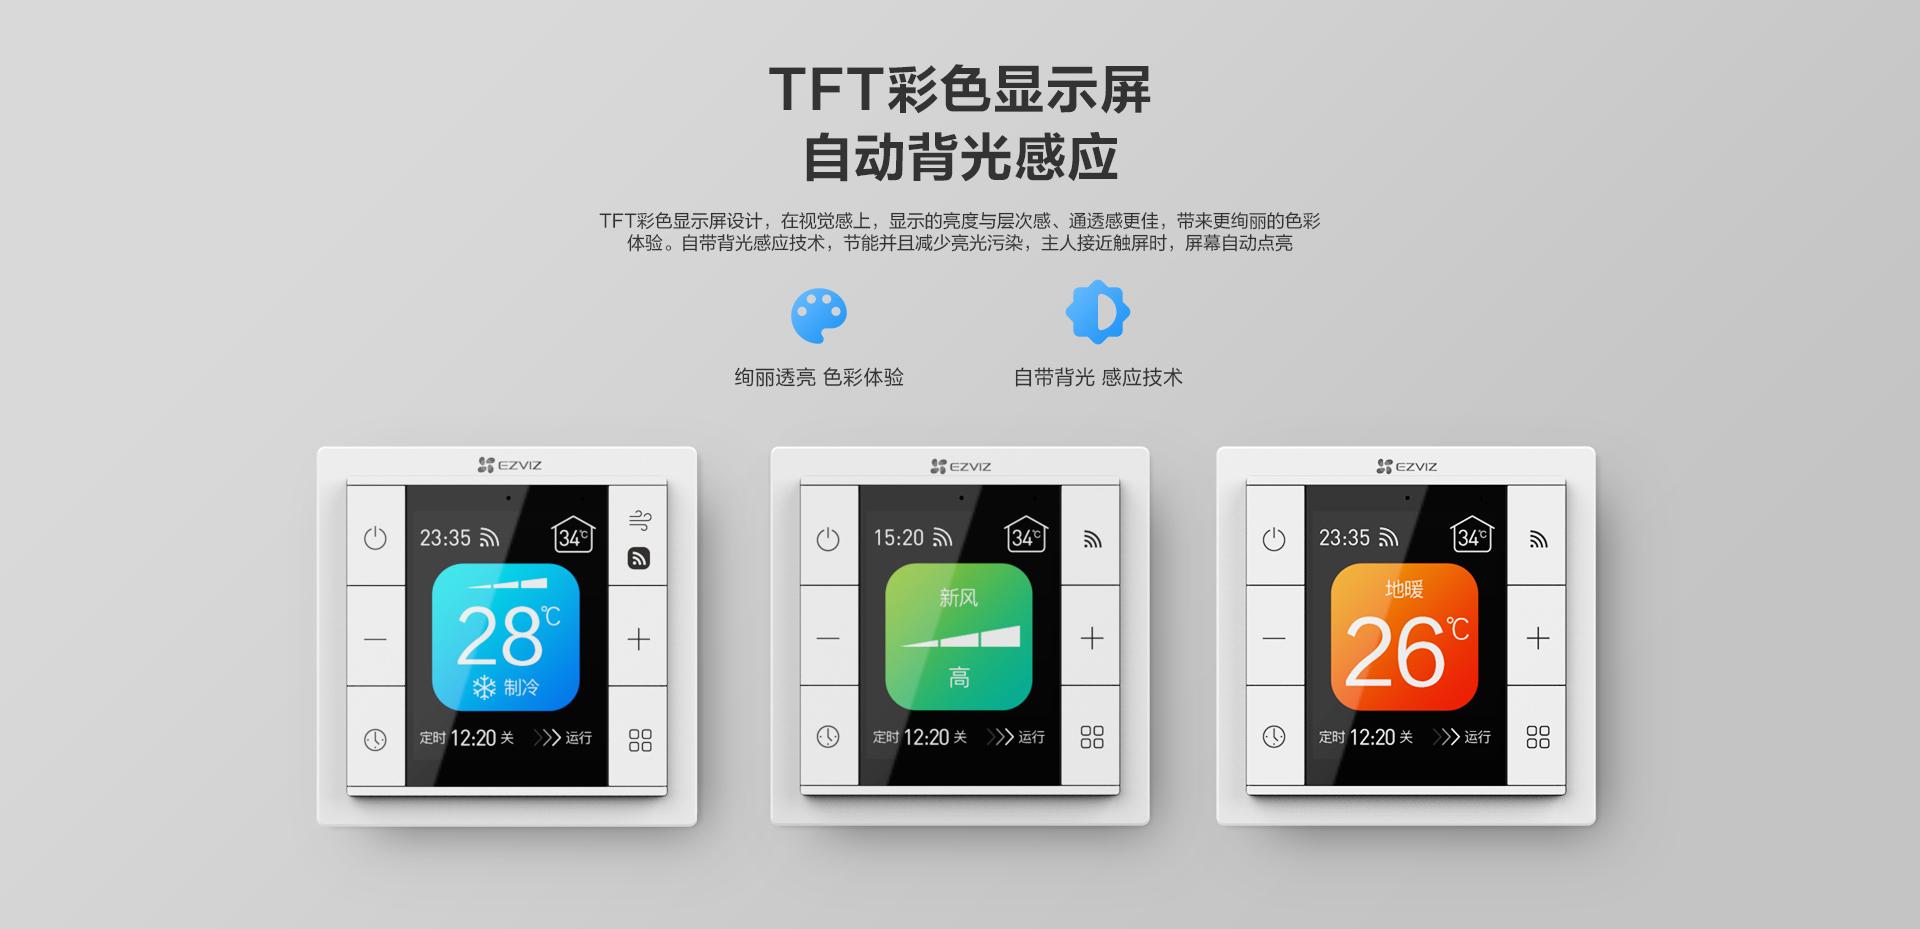 TFT彩色显示屏 自动背光感应